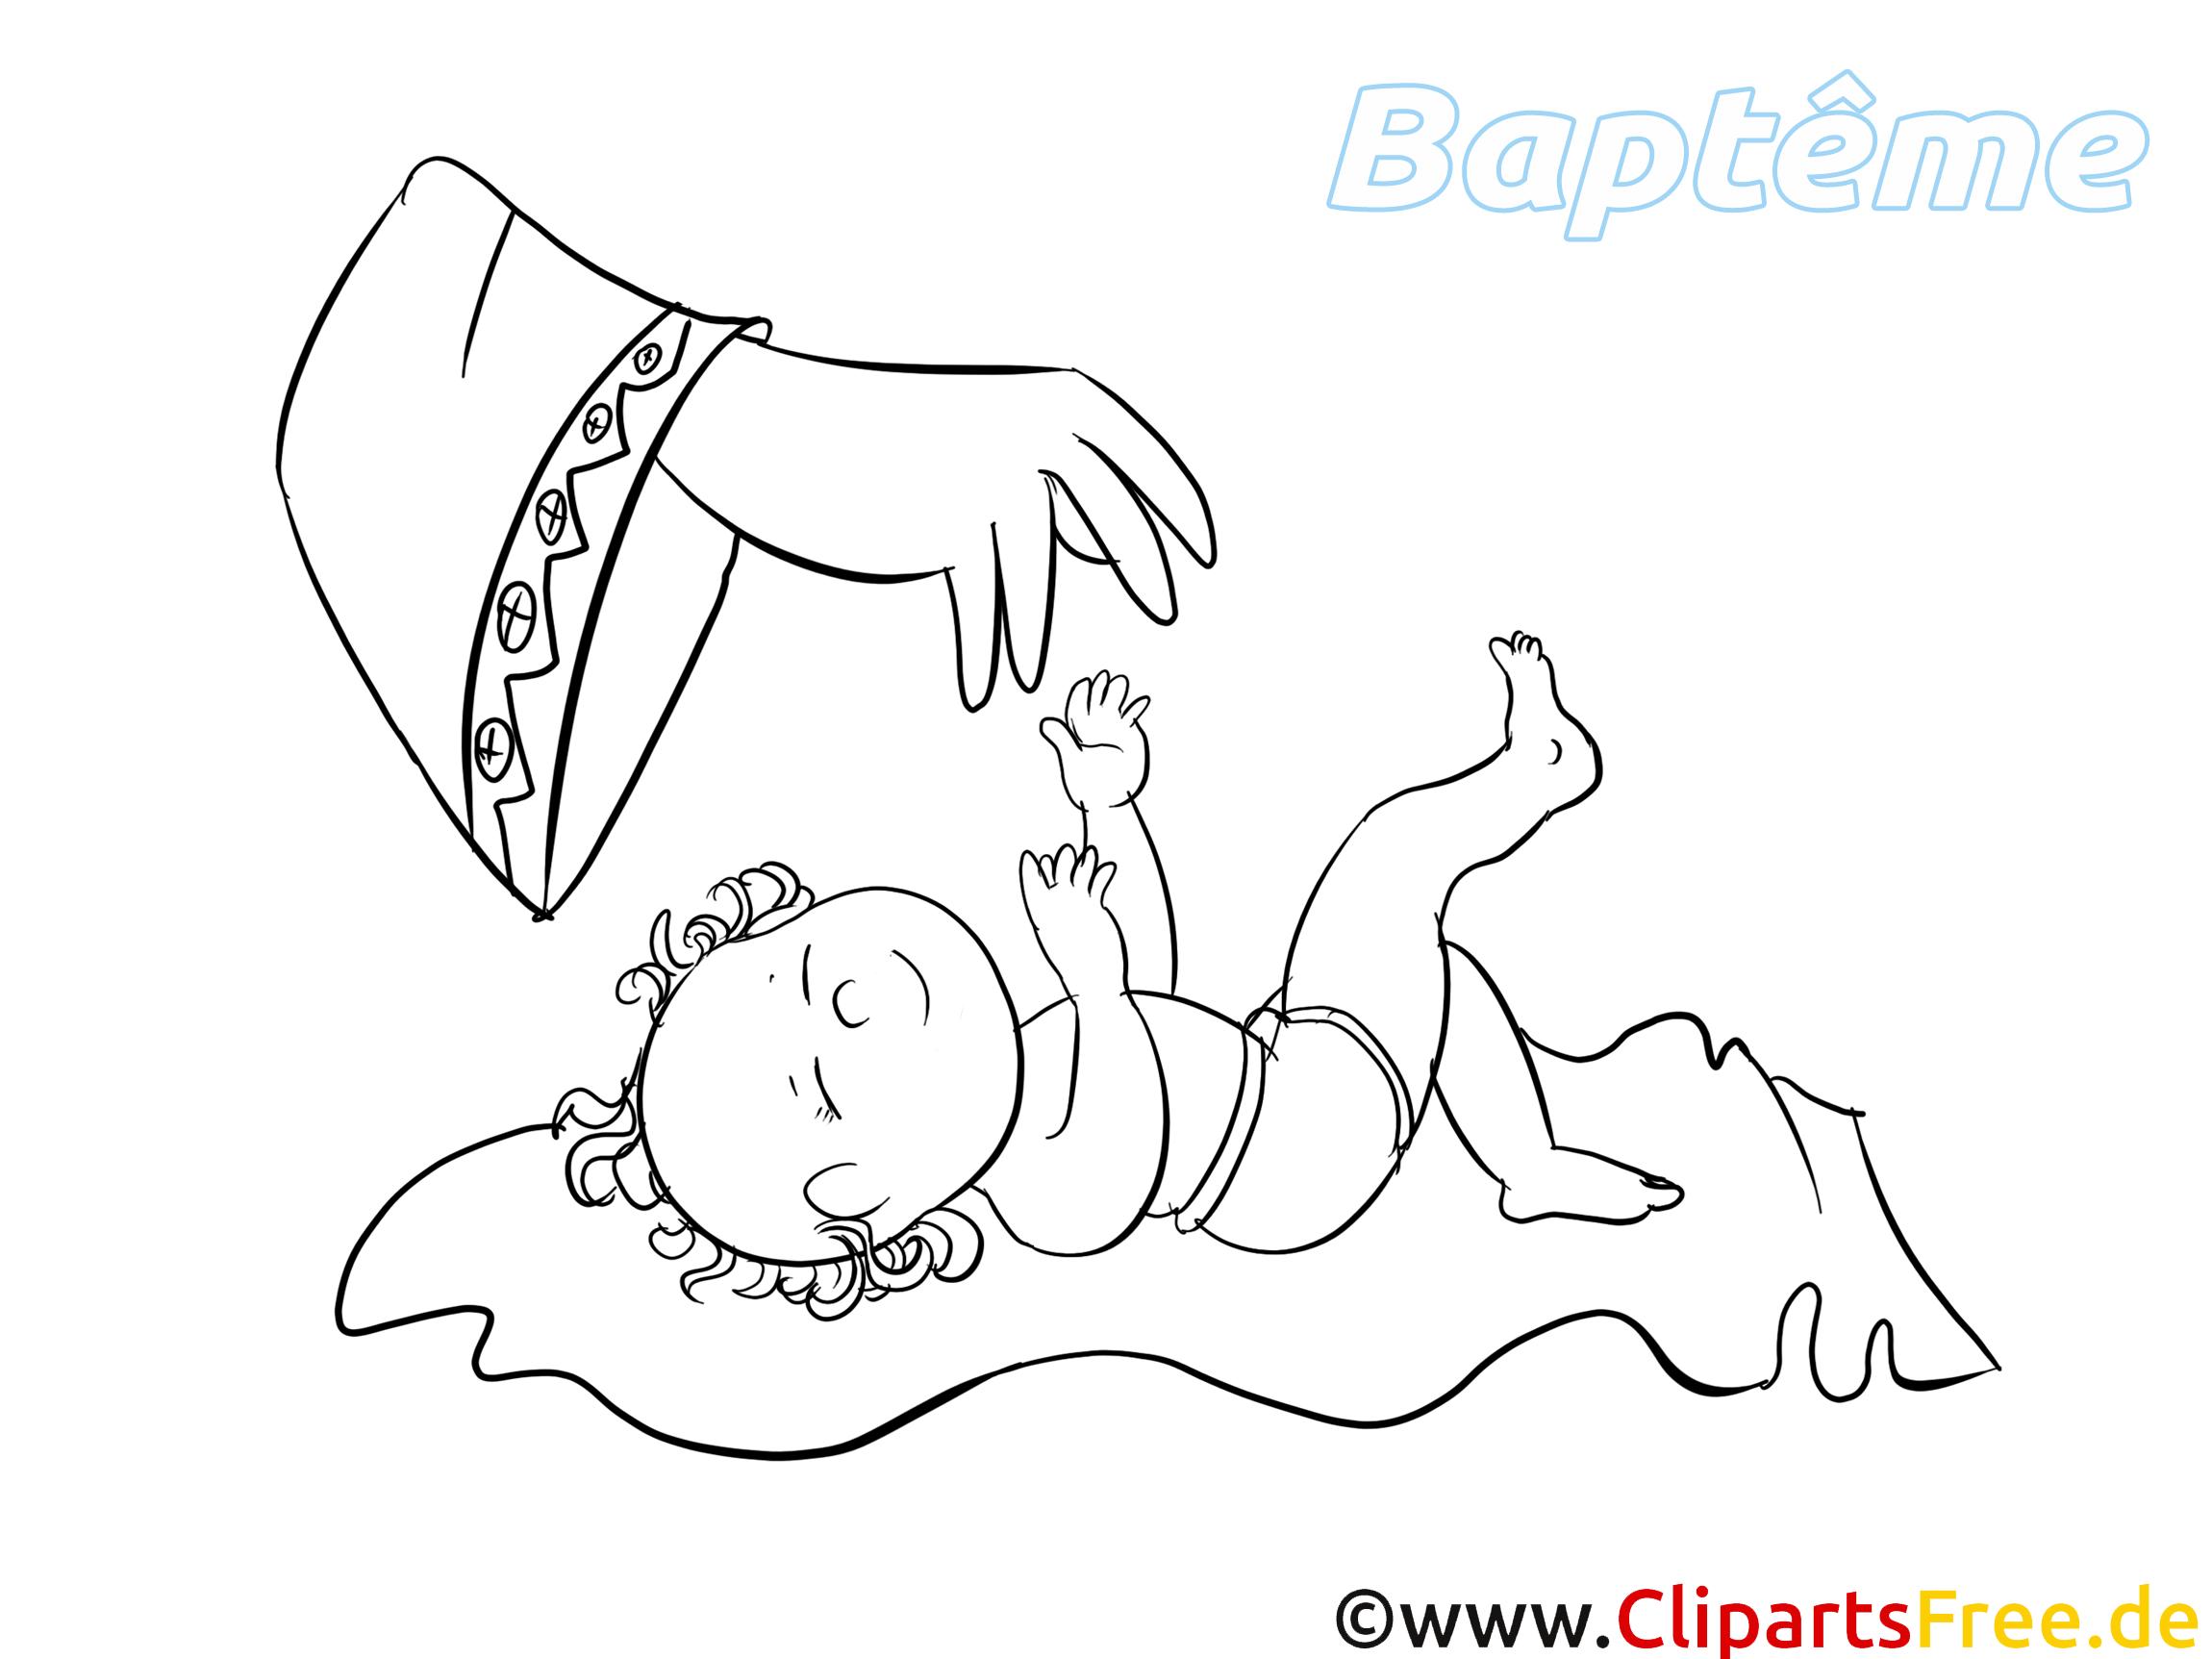 Baptême coloriage - Bébé dessin - Baptême dessin, picture, image, graphic, clip art télécharger ...